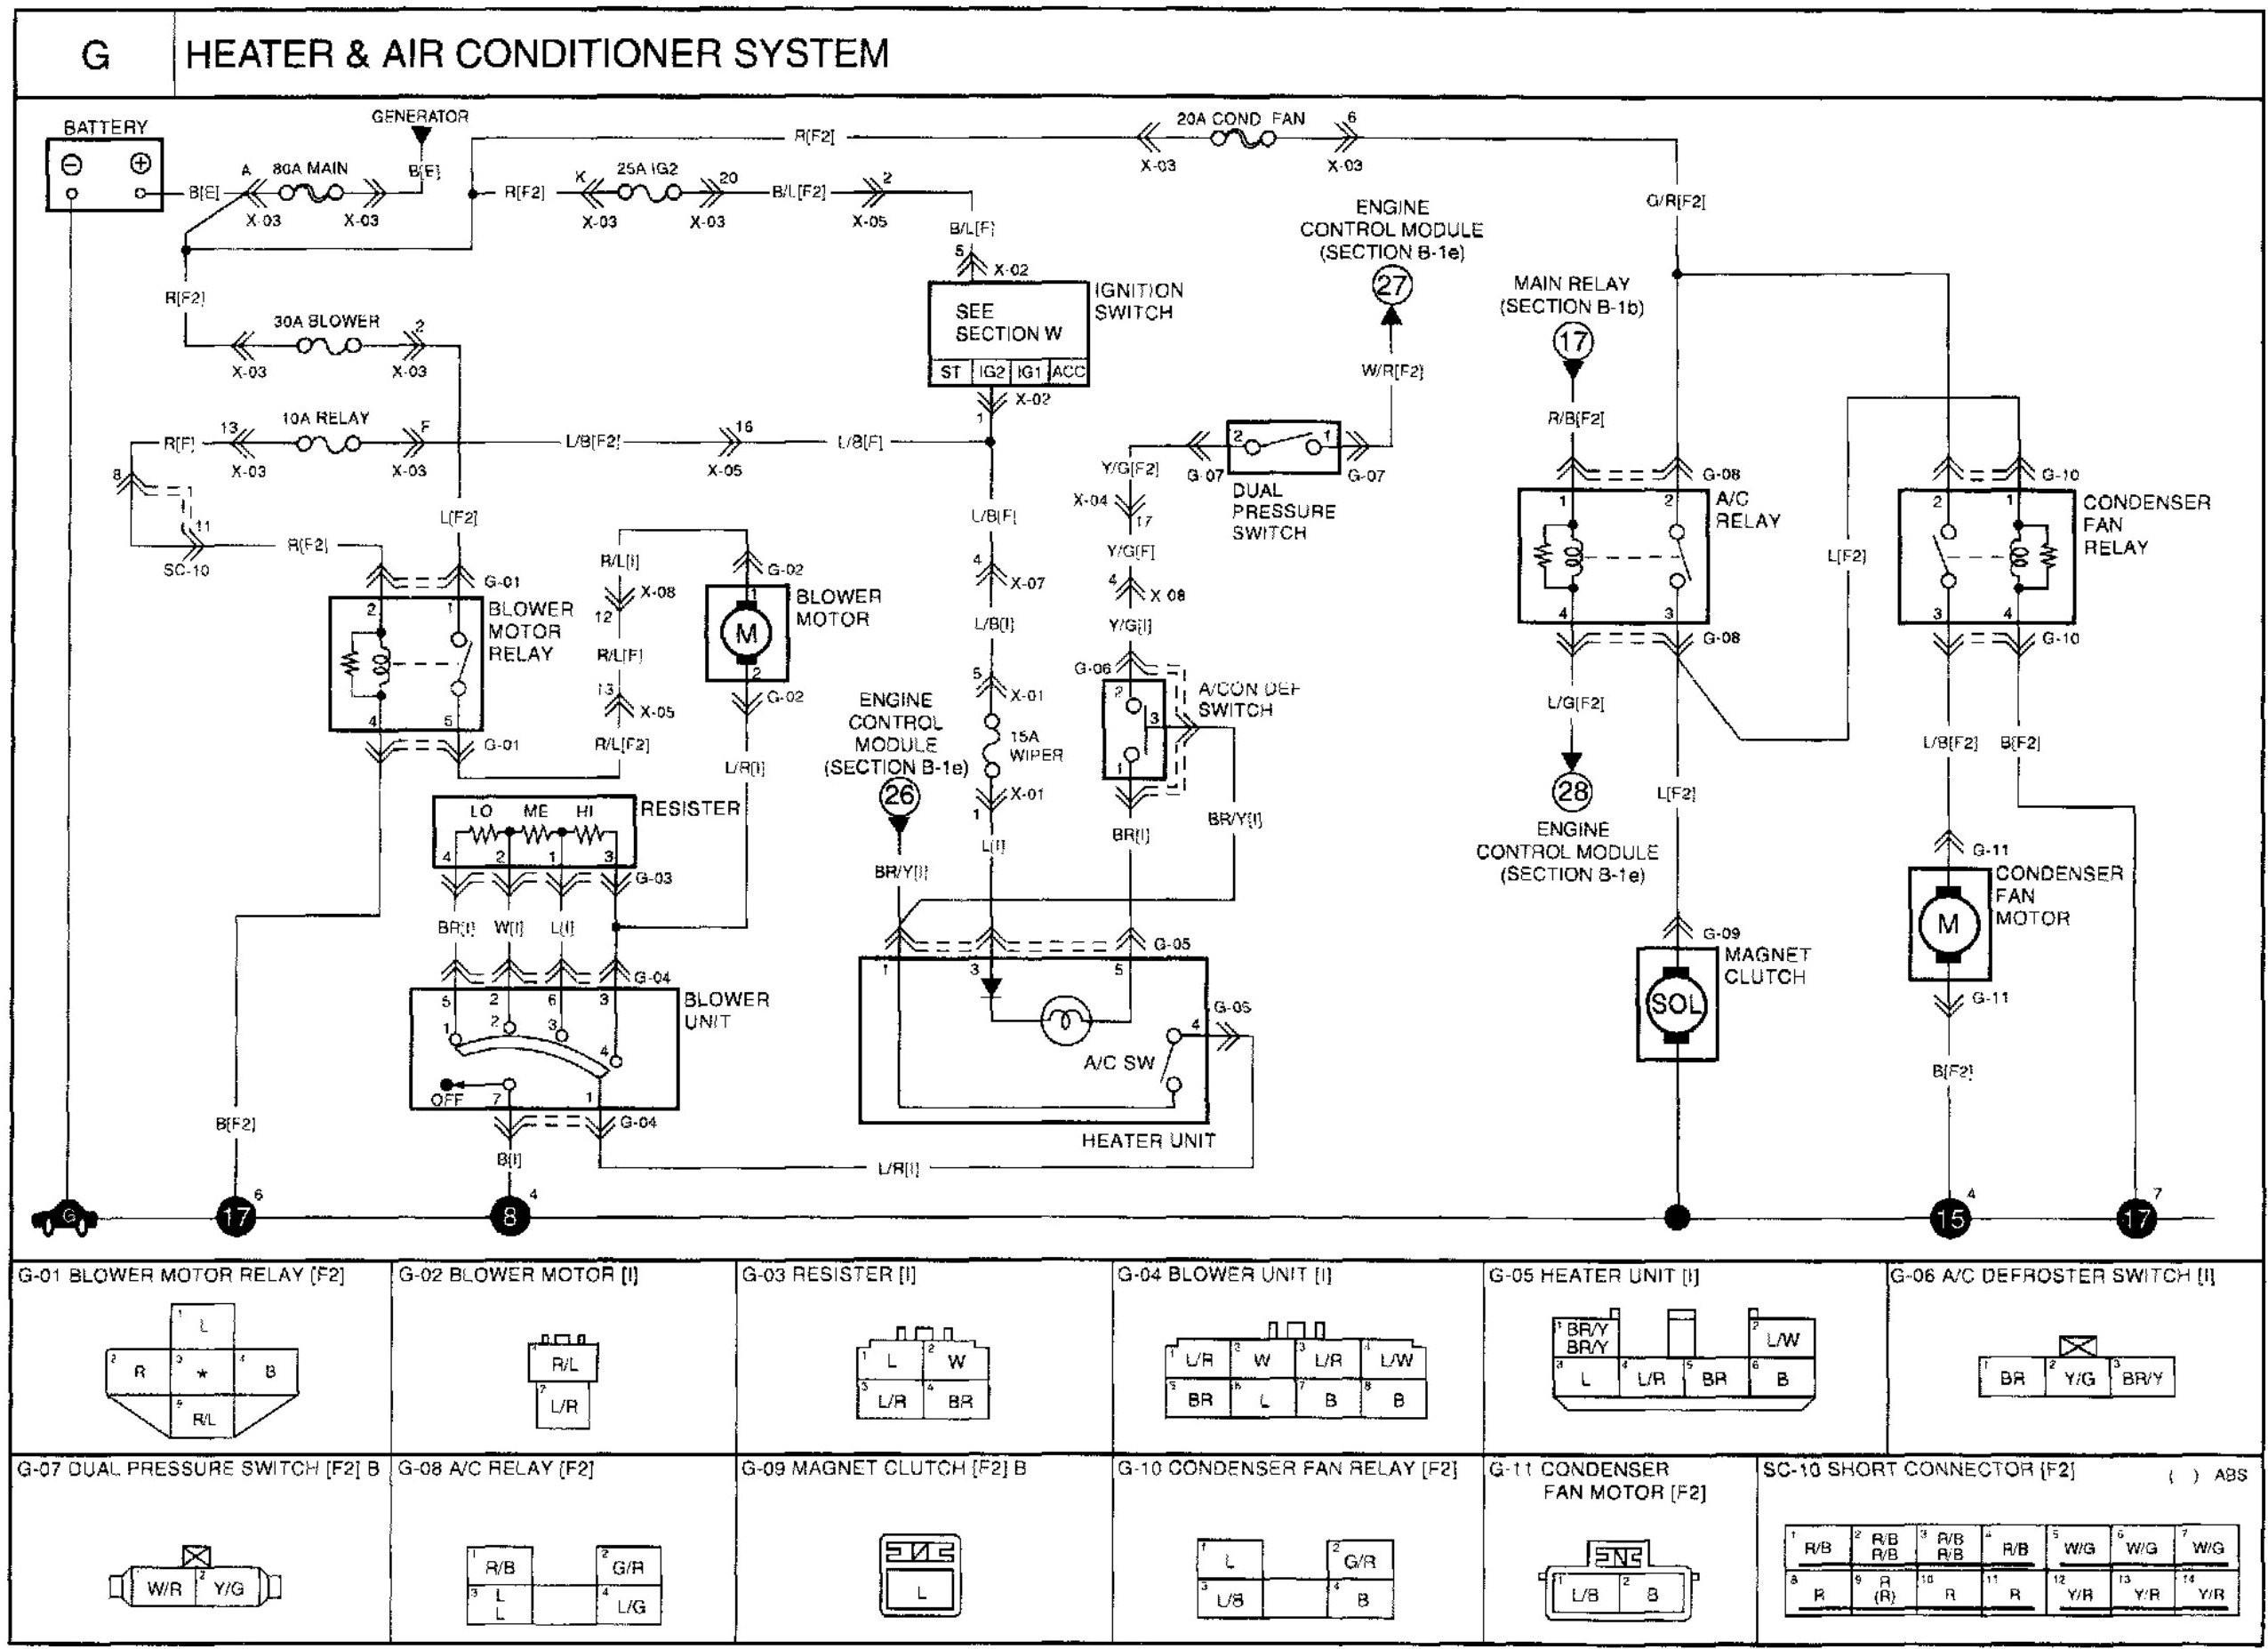 Kia Sorento Wiring Schematic | Wiring Diagram on kia engine diagram, kia relay diagram, kia service, kia transmission diagram, kia fuse diagram, kia soul stereo system wiring, kia steering diagram, kia ecu diagram, 05 kia sportage radio wire diagram, kia optima stereo diagram, kia belt diagram, kia radio wiring harness, kia sportage electrical diagram, kia air conditioning diagram, kia parts diagram, 2012 kia optima radio diagram, kia fuel pump wiring,